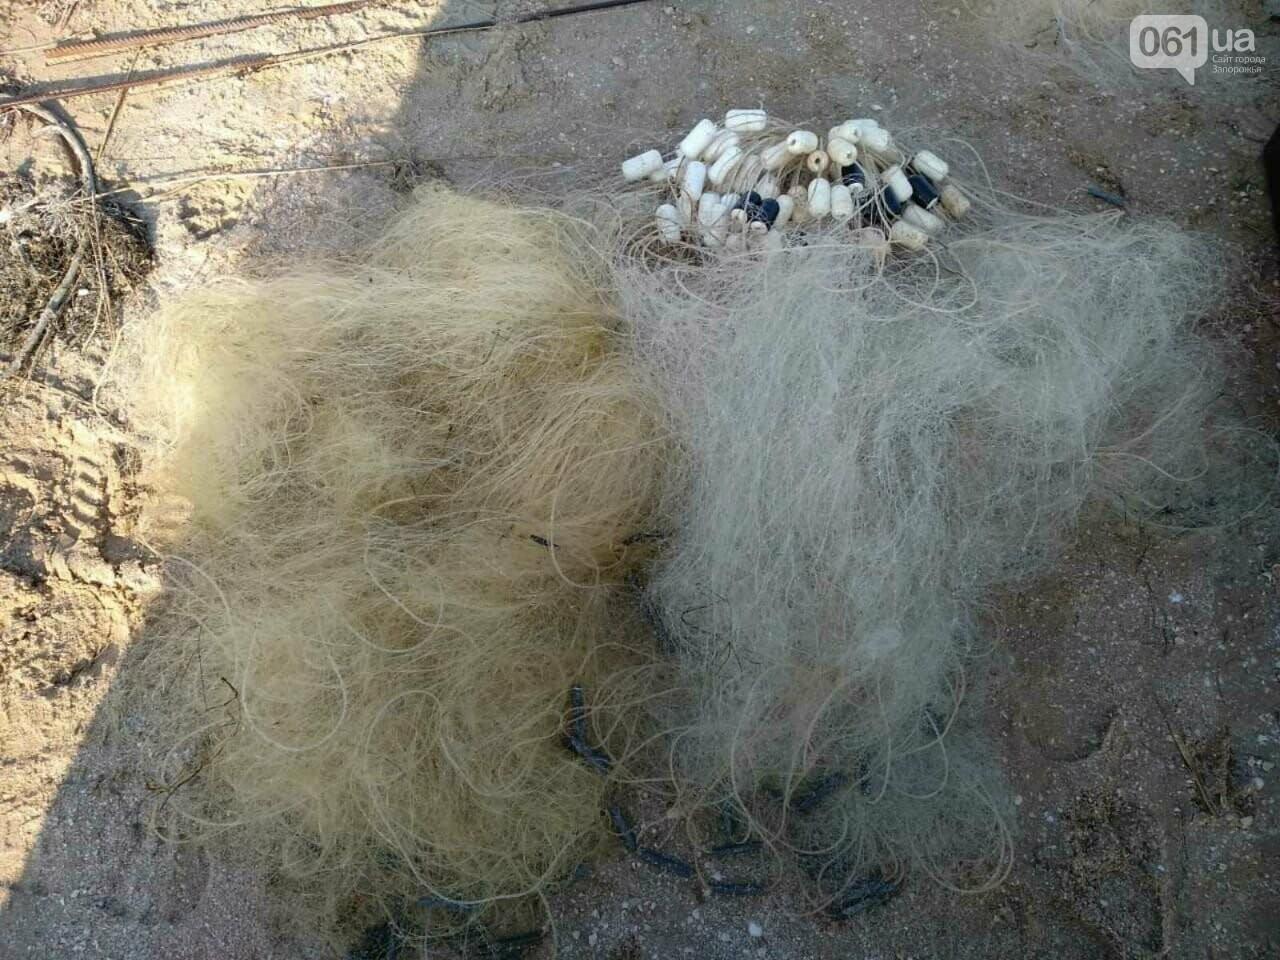 Камбала Глосса в браконьерских сетях